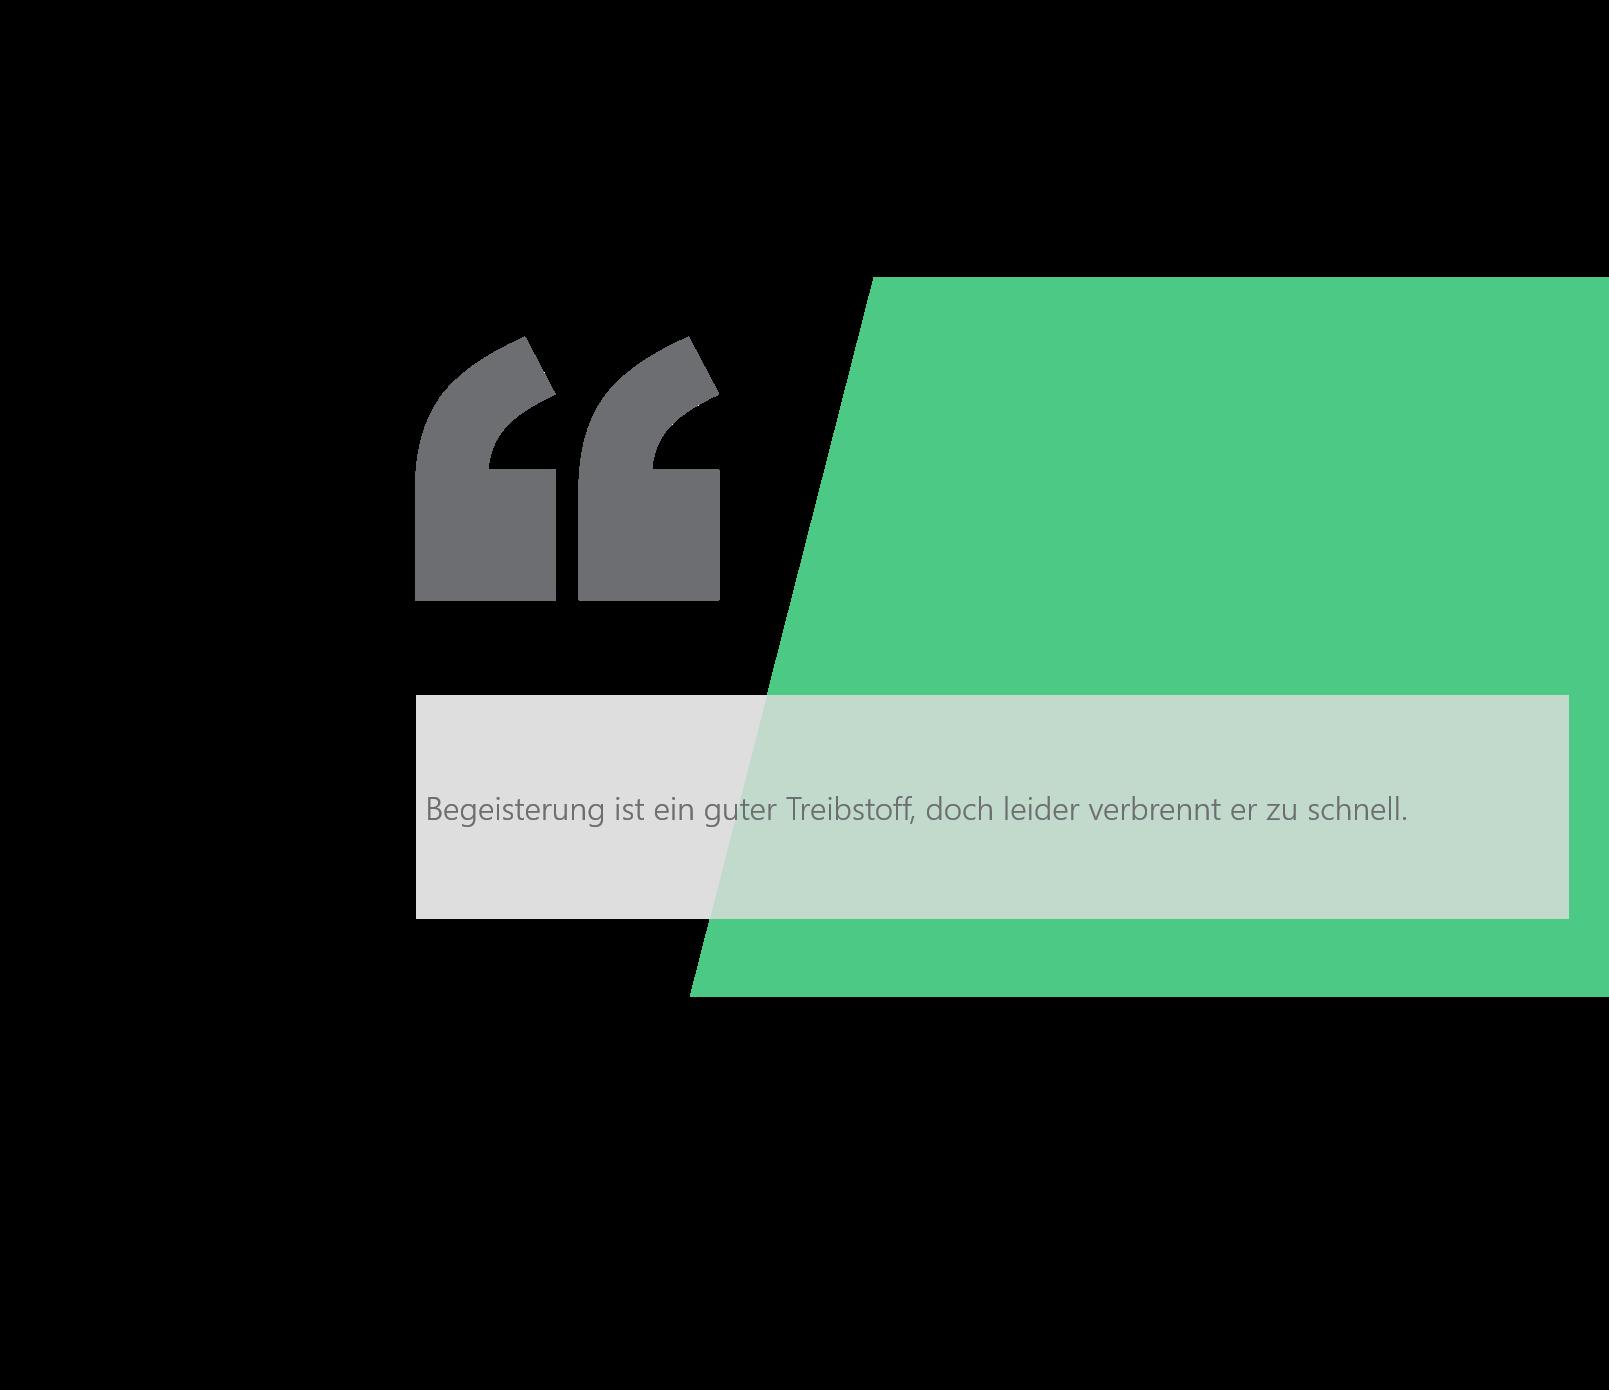 PowerPoint Vorlage: Zitat mit abgeschrägtem Bild